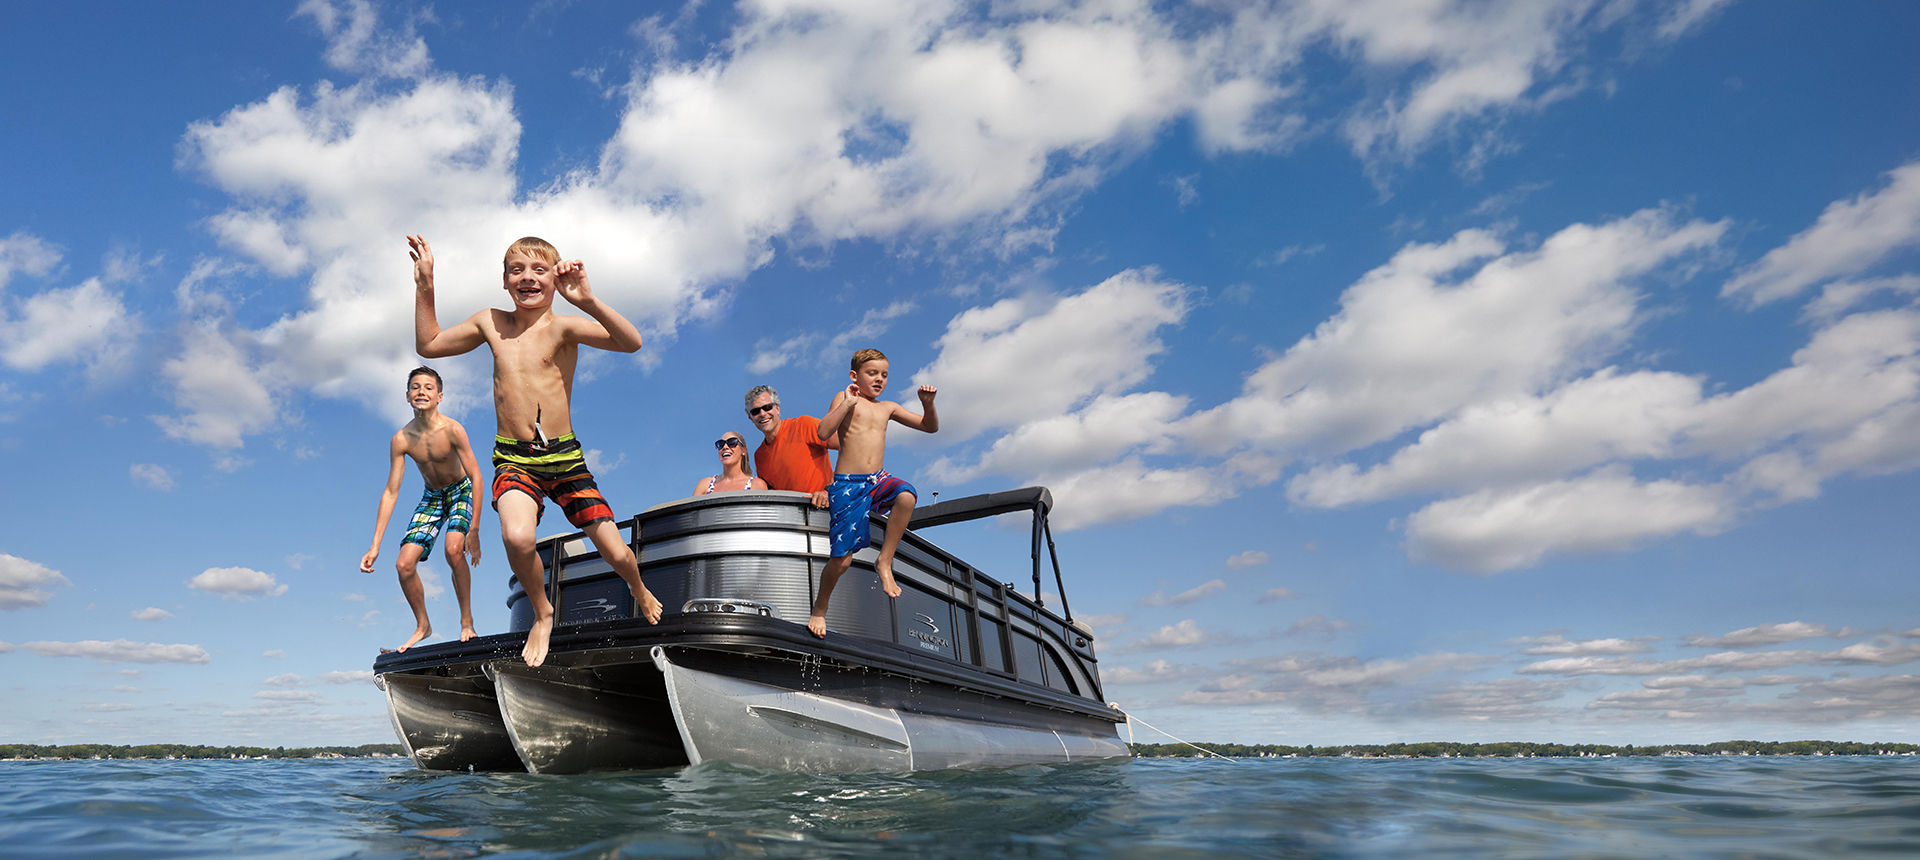 Pic of SX Premium boat